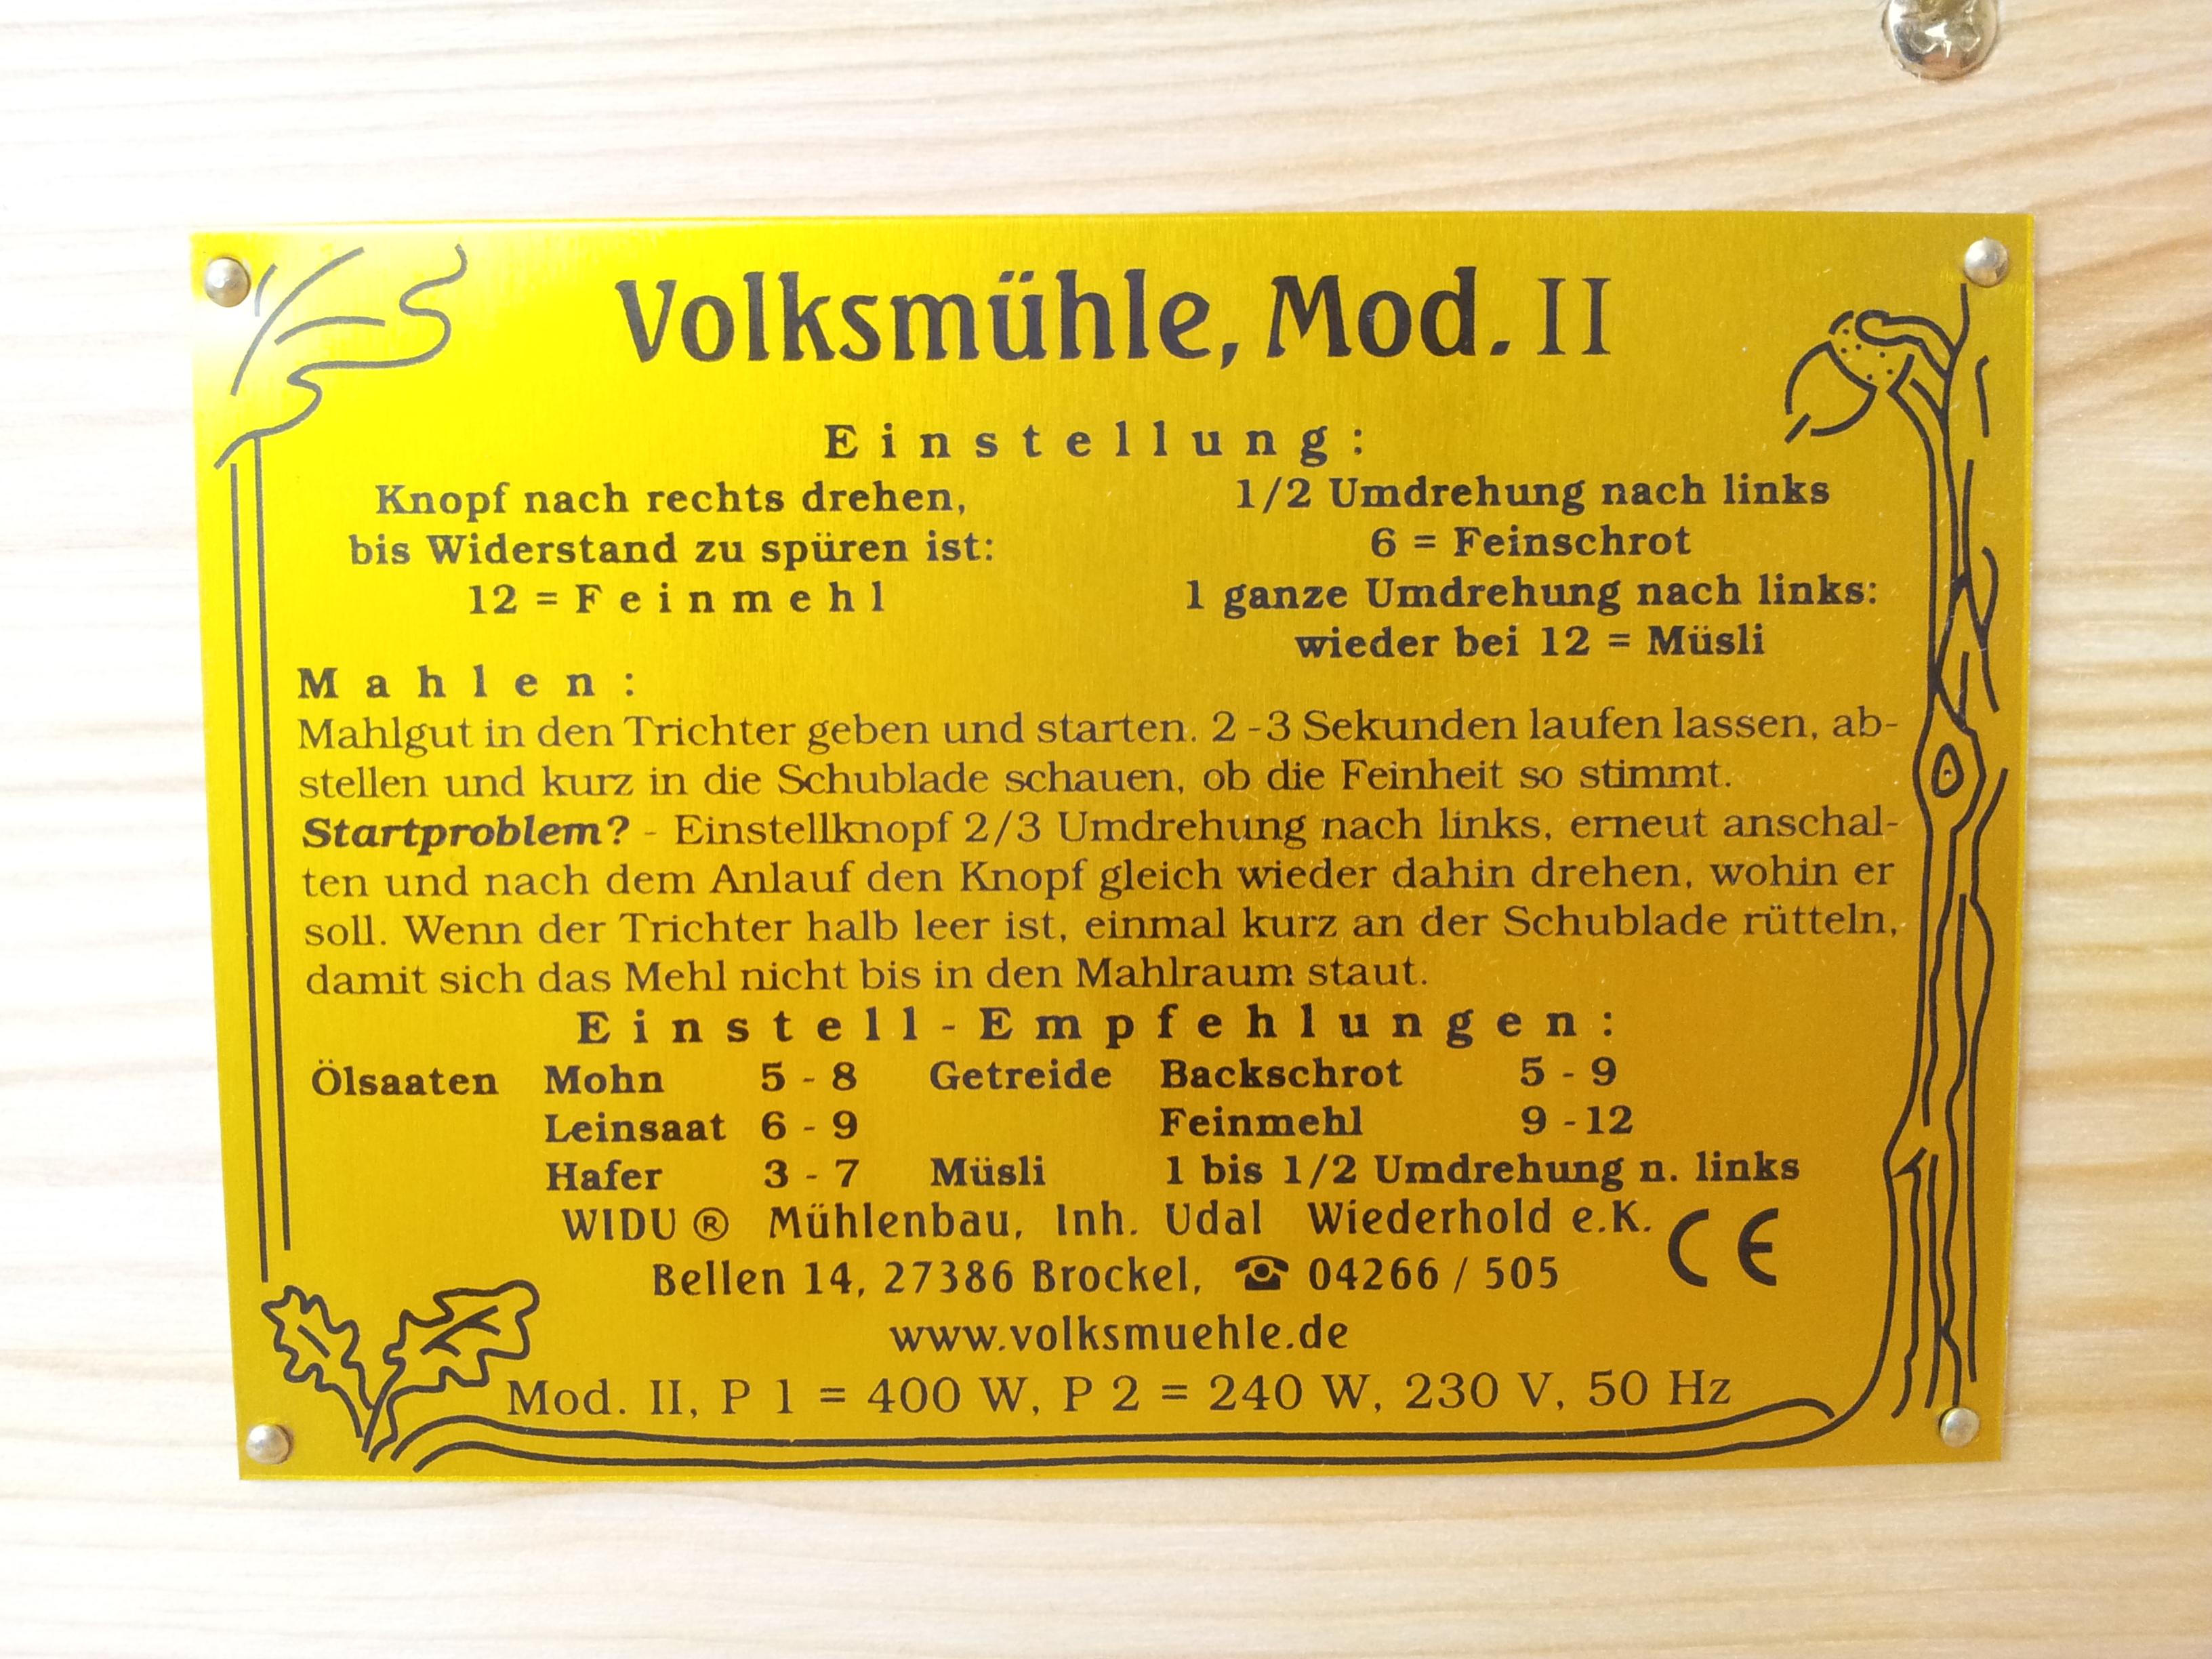 Förderschnecke für WIDU Haushaltsmühlen Getreidemühlen WIDU Mühlenbau 30-150 gr Handkurbel inkl